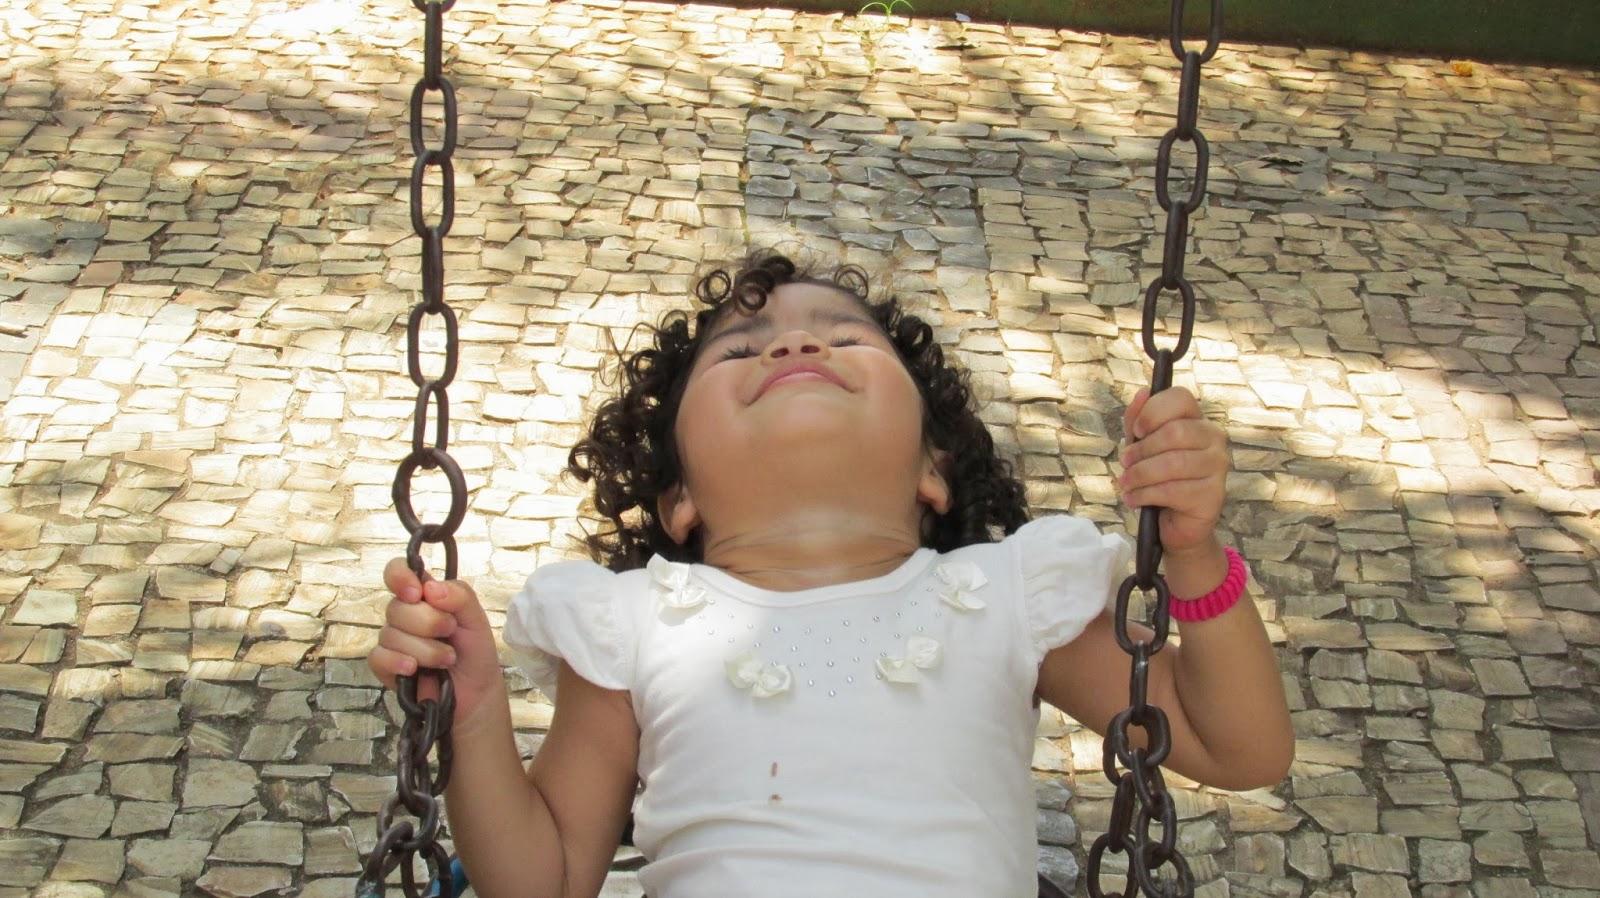 blog materno, maternidade, moda infantil, enxoval  de bebe, minifashionista,moda gestante, filhos, kids, brinquedo infantil, papai, pai presente, paternidade, familia